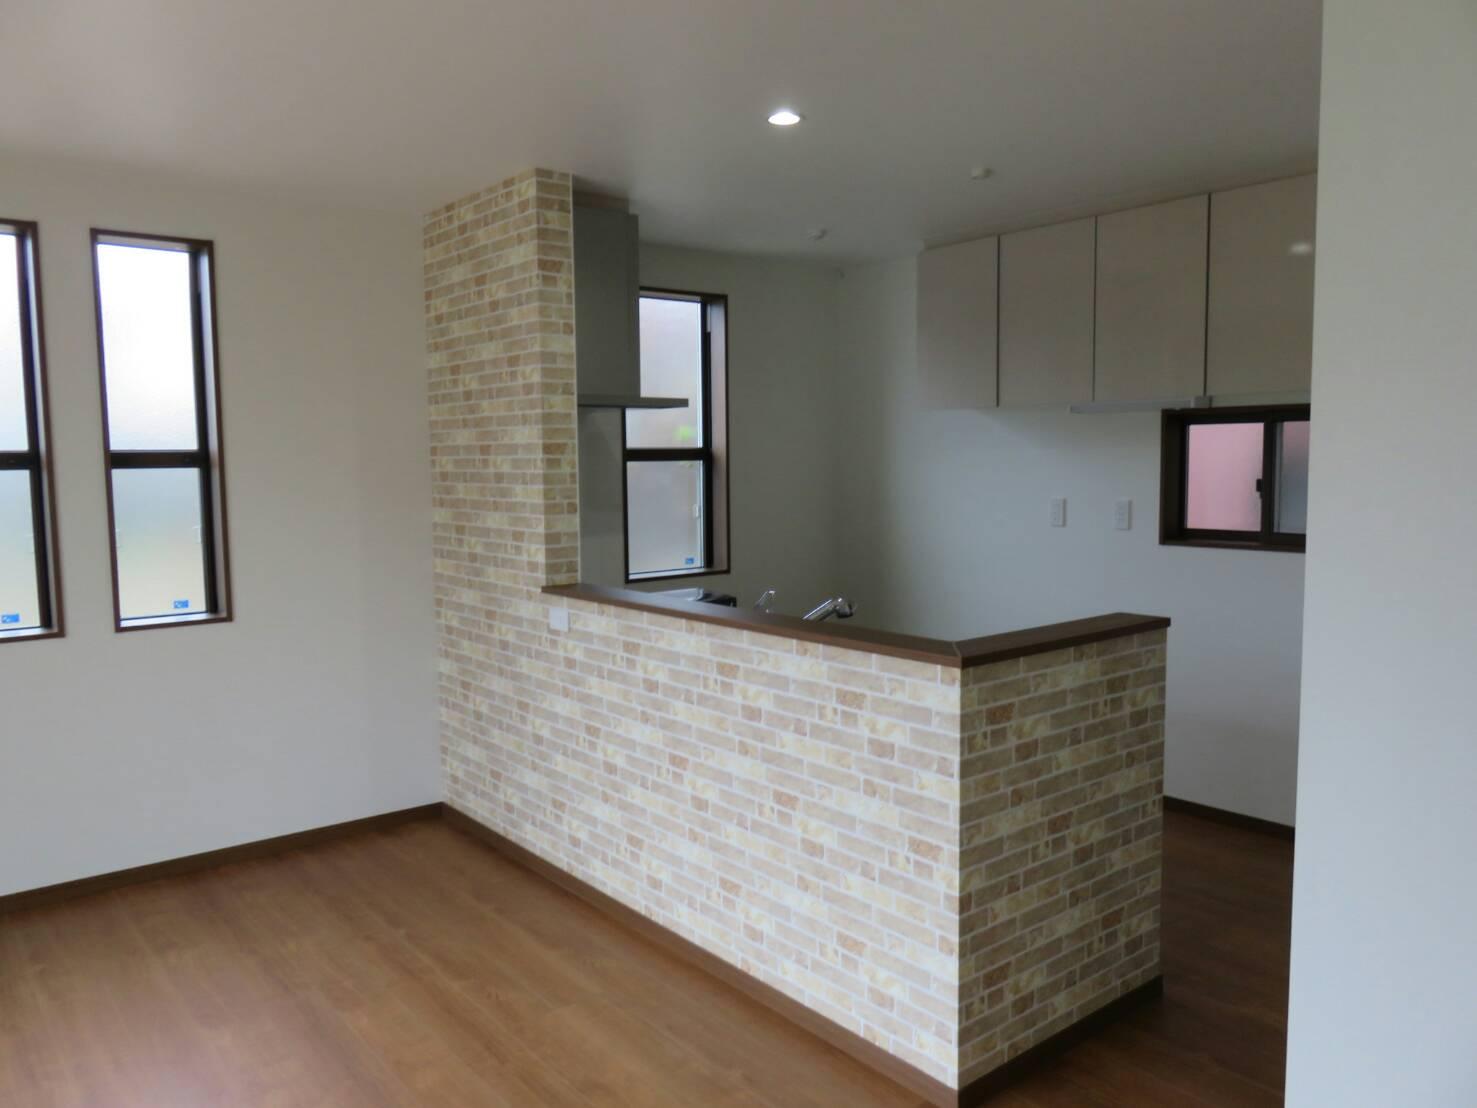 キッチン完成とアクセント壁紙 新築一戸建て最終決定までに1年半使った男のブログ